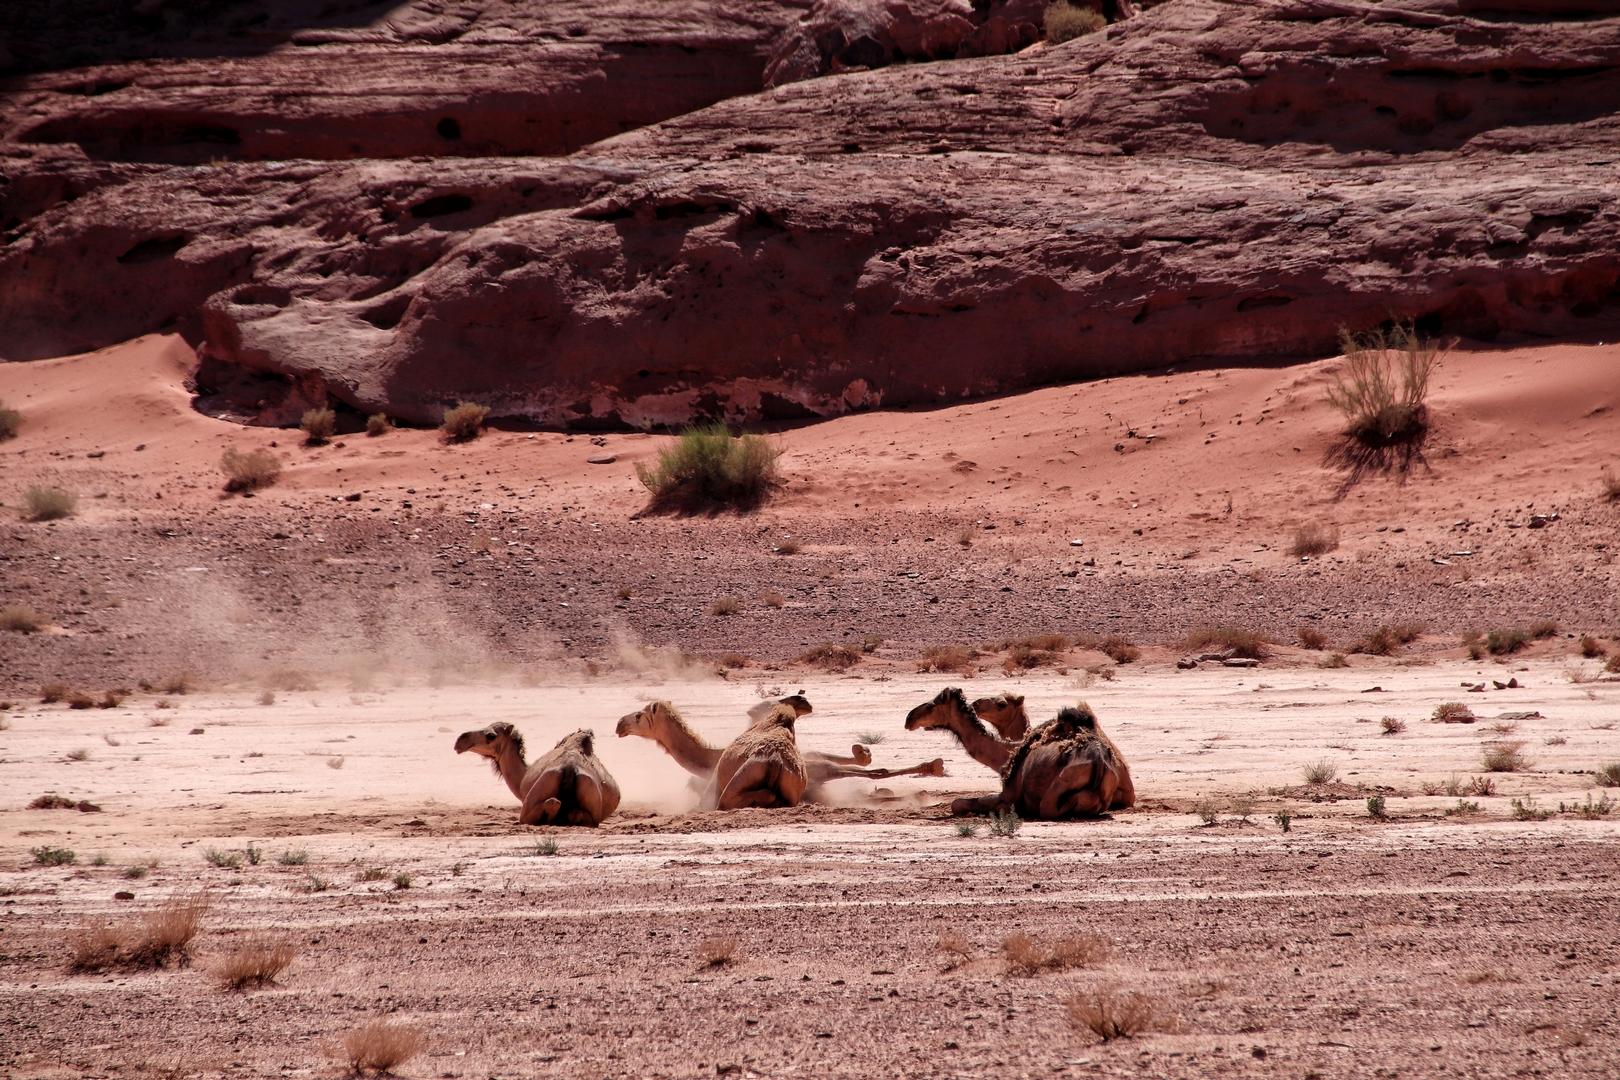 Jordanie - Dromadaires dans le désert de Wadi Rum